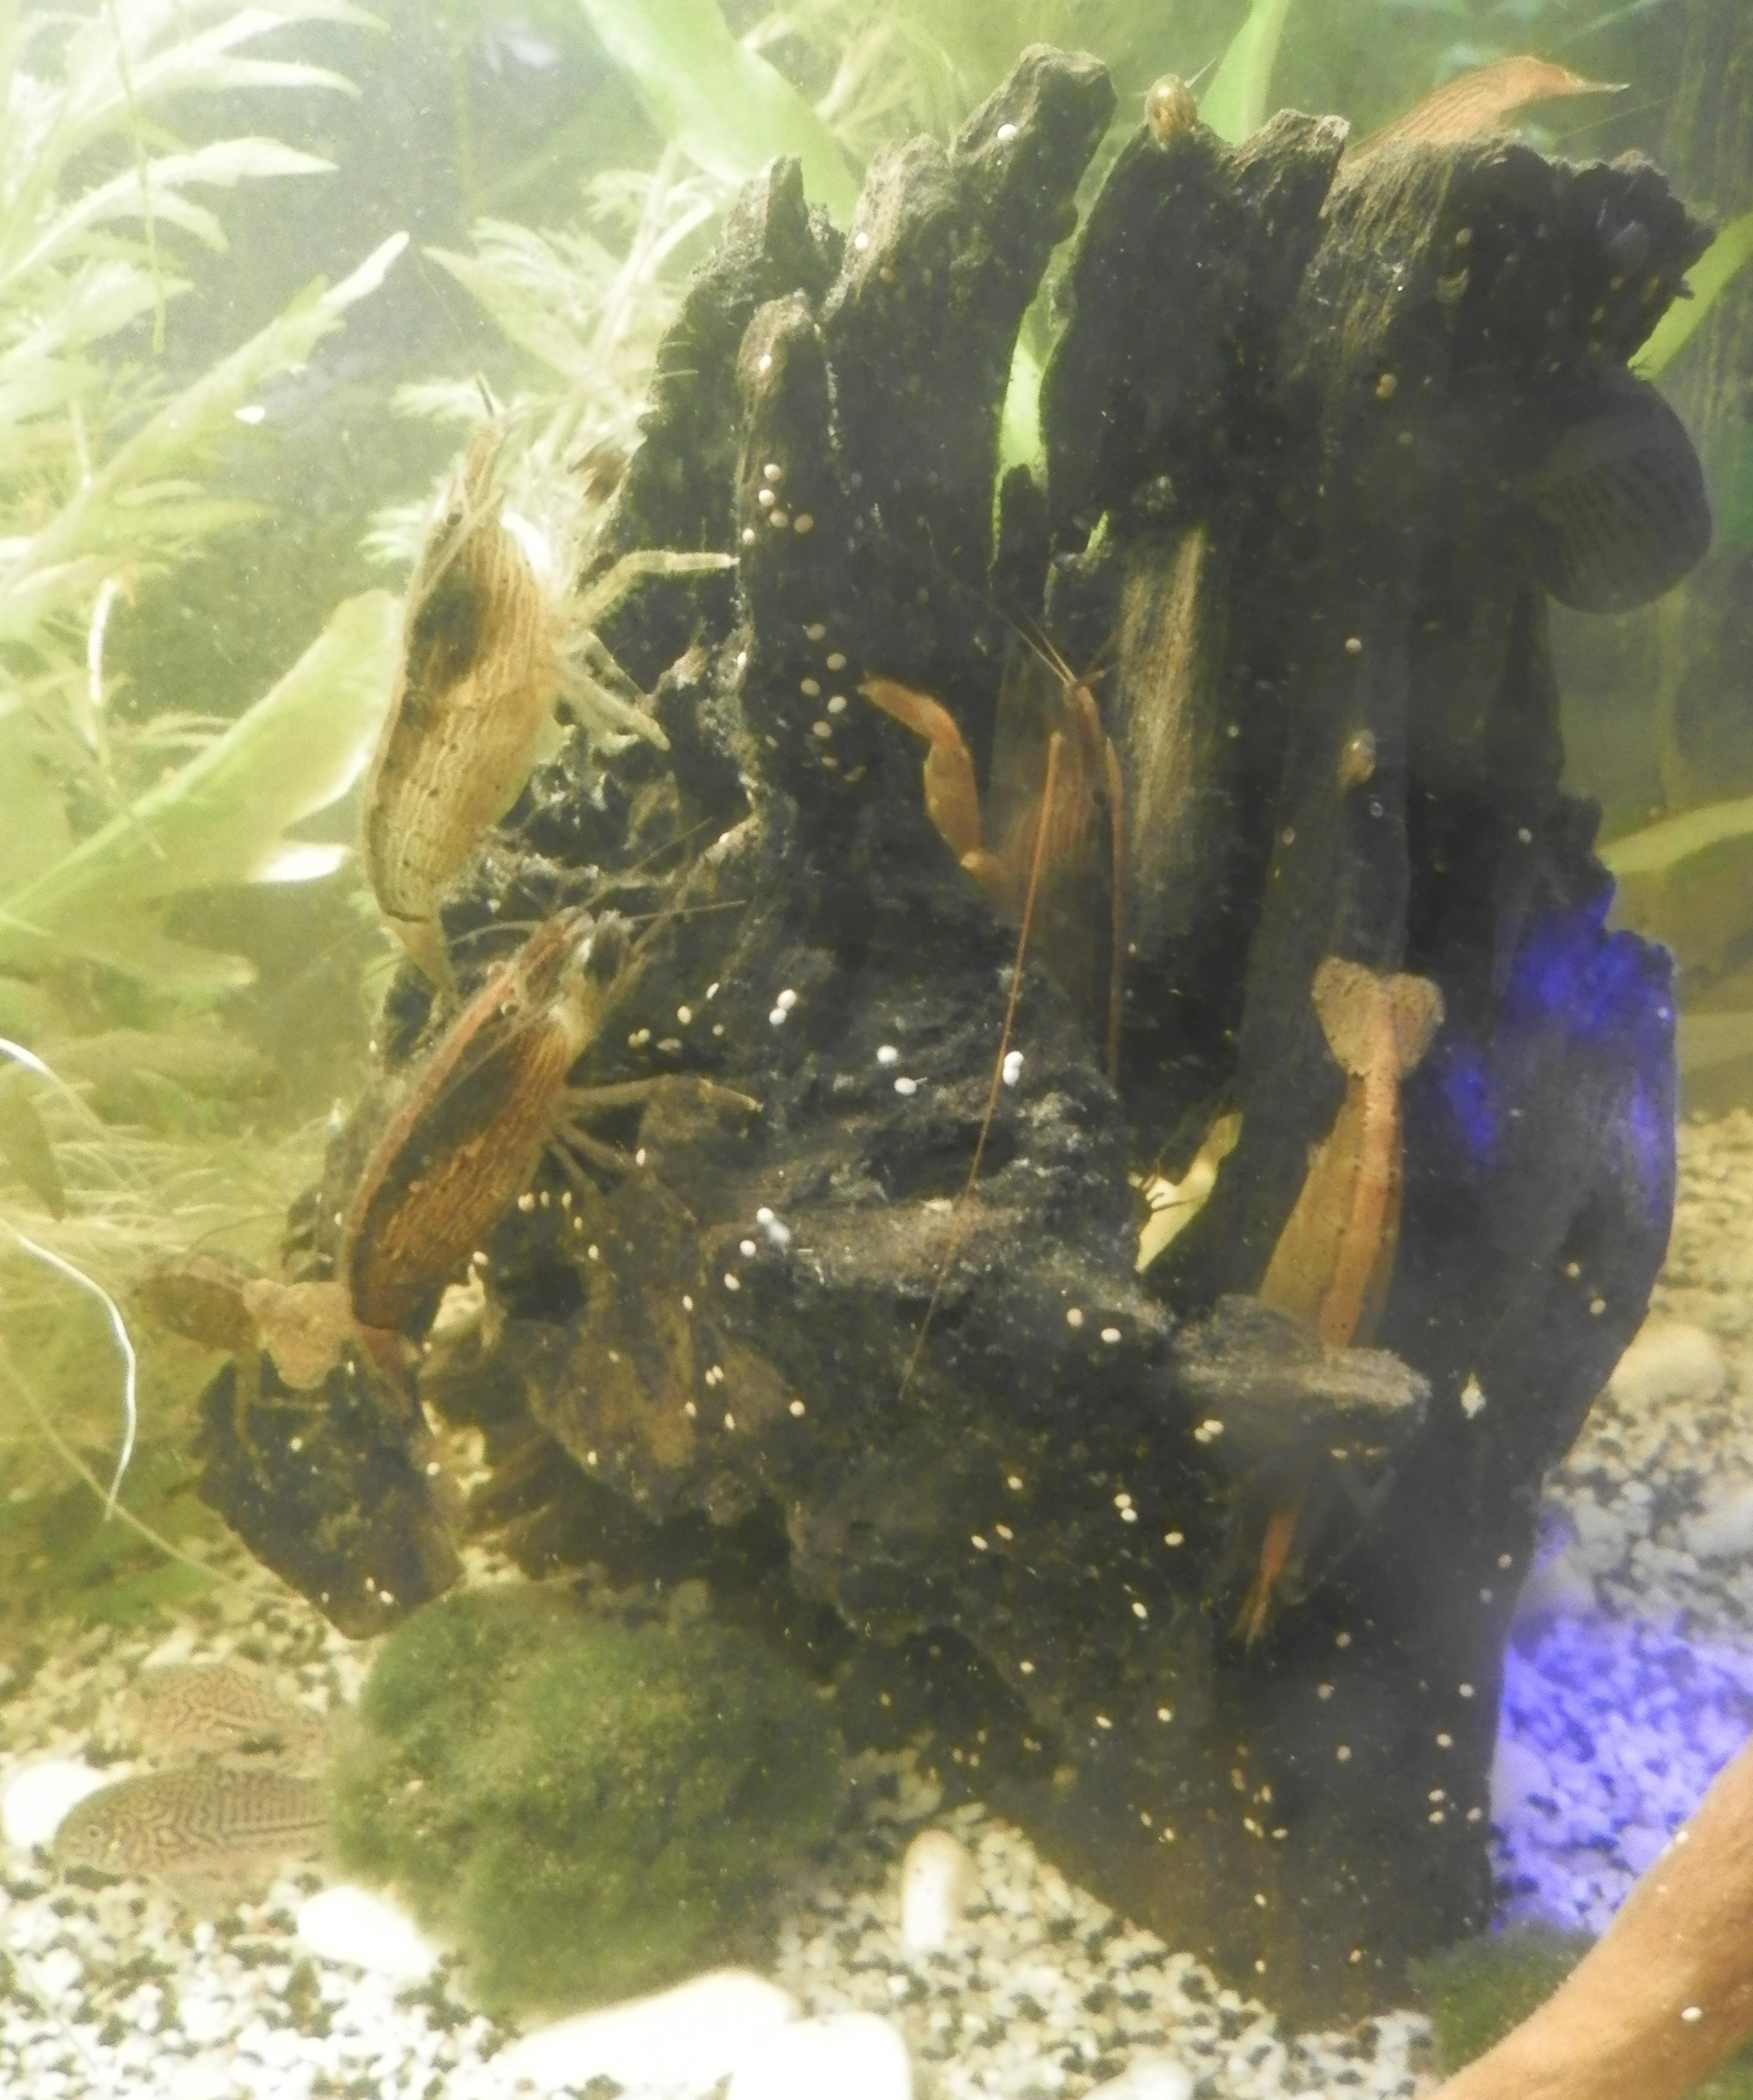 [Présentation] Tous les trous mènent aux crevettes Bambou 8320054546